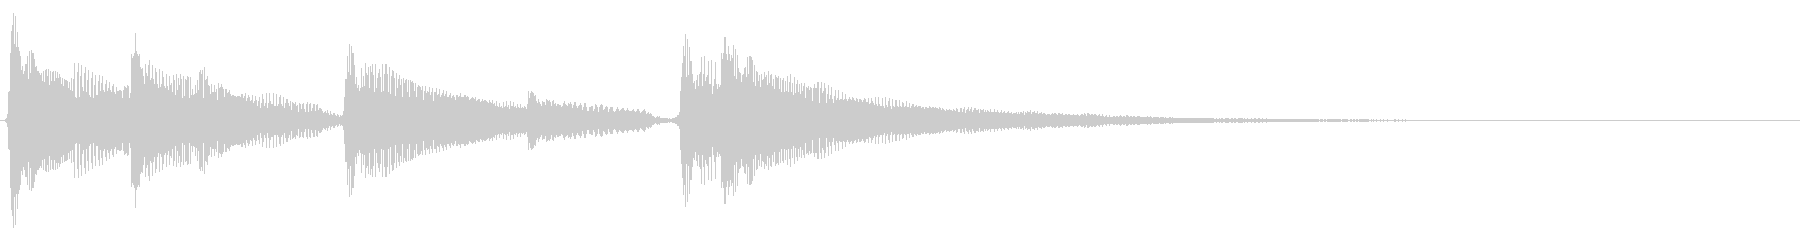 ★アコギ生音の落ち着いたジングルの未再生の波形